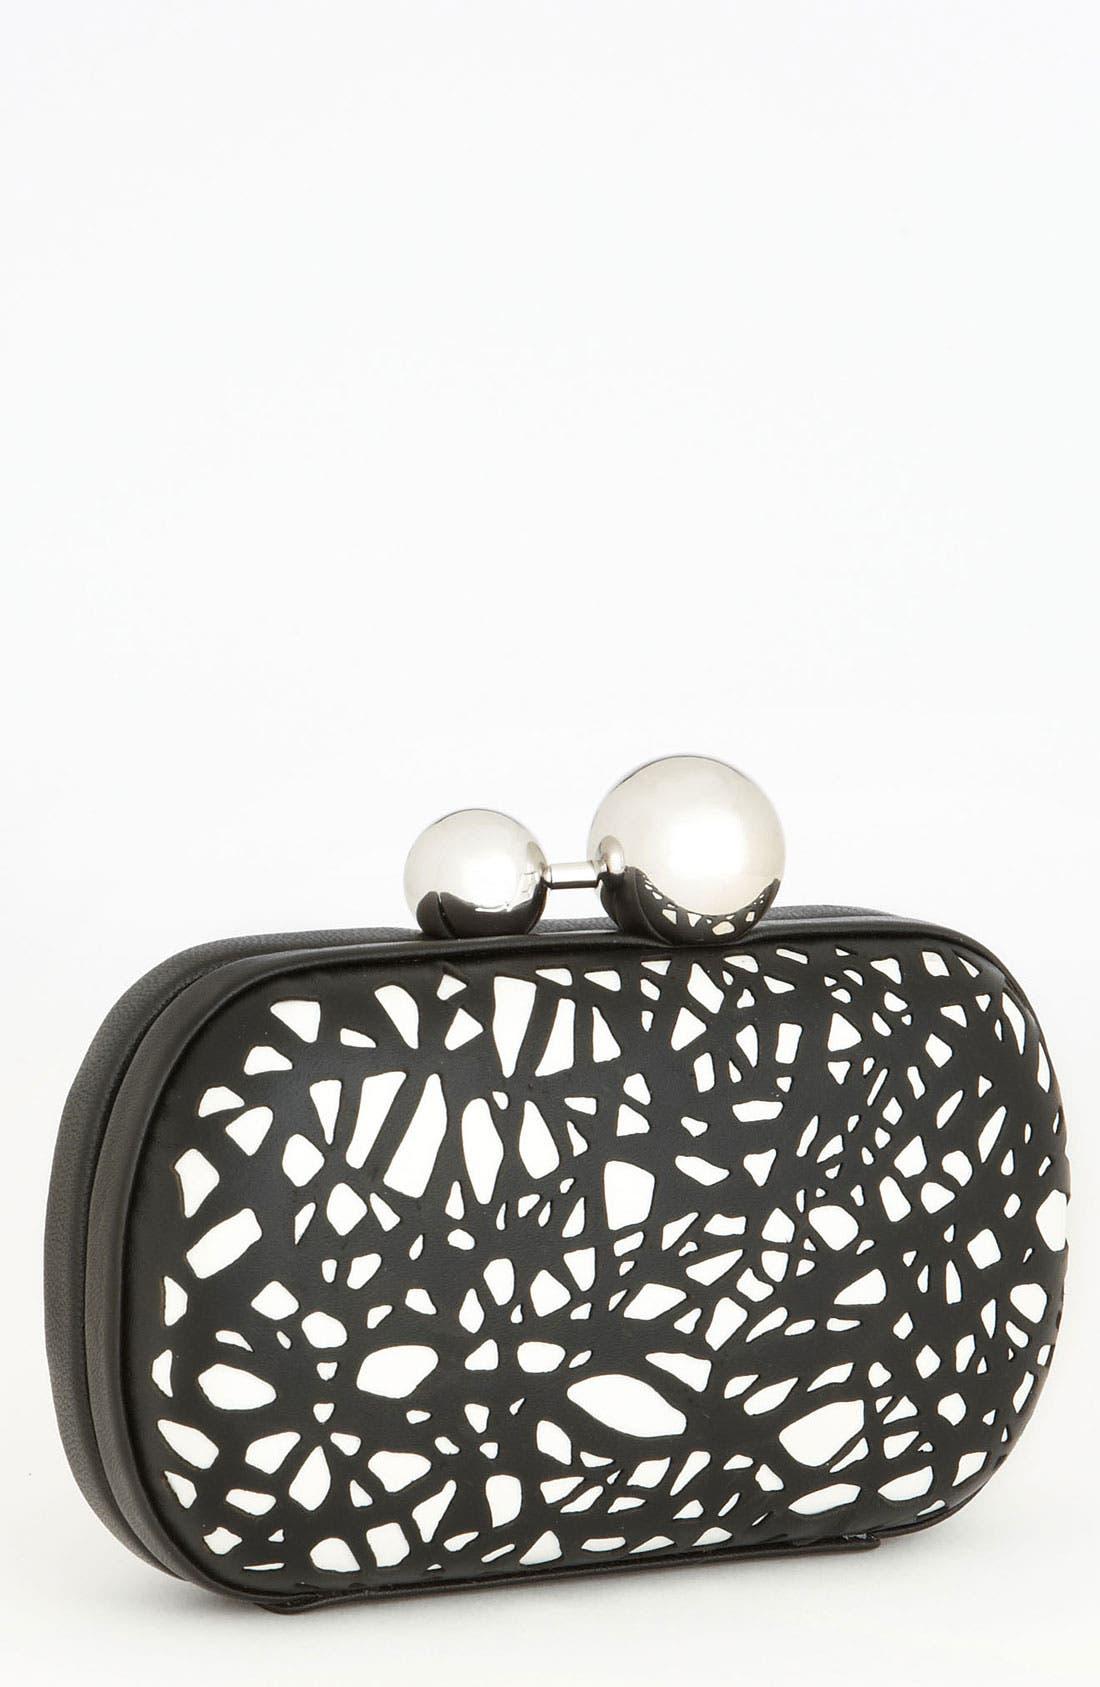 Main Image - Diane von Furstenberg 'Sphere' Laser Cut Leather Clutch